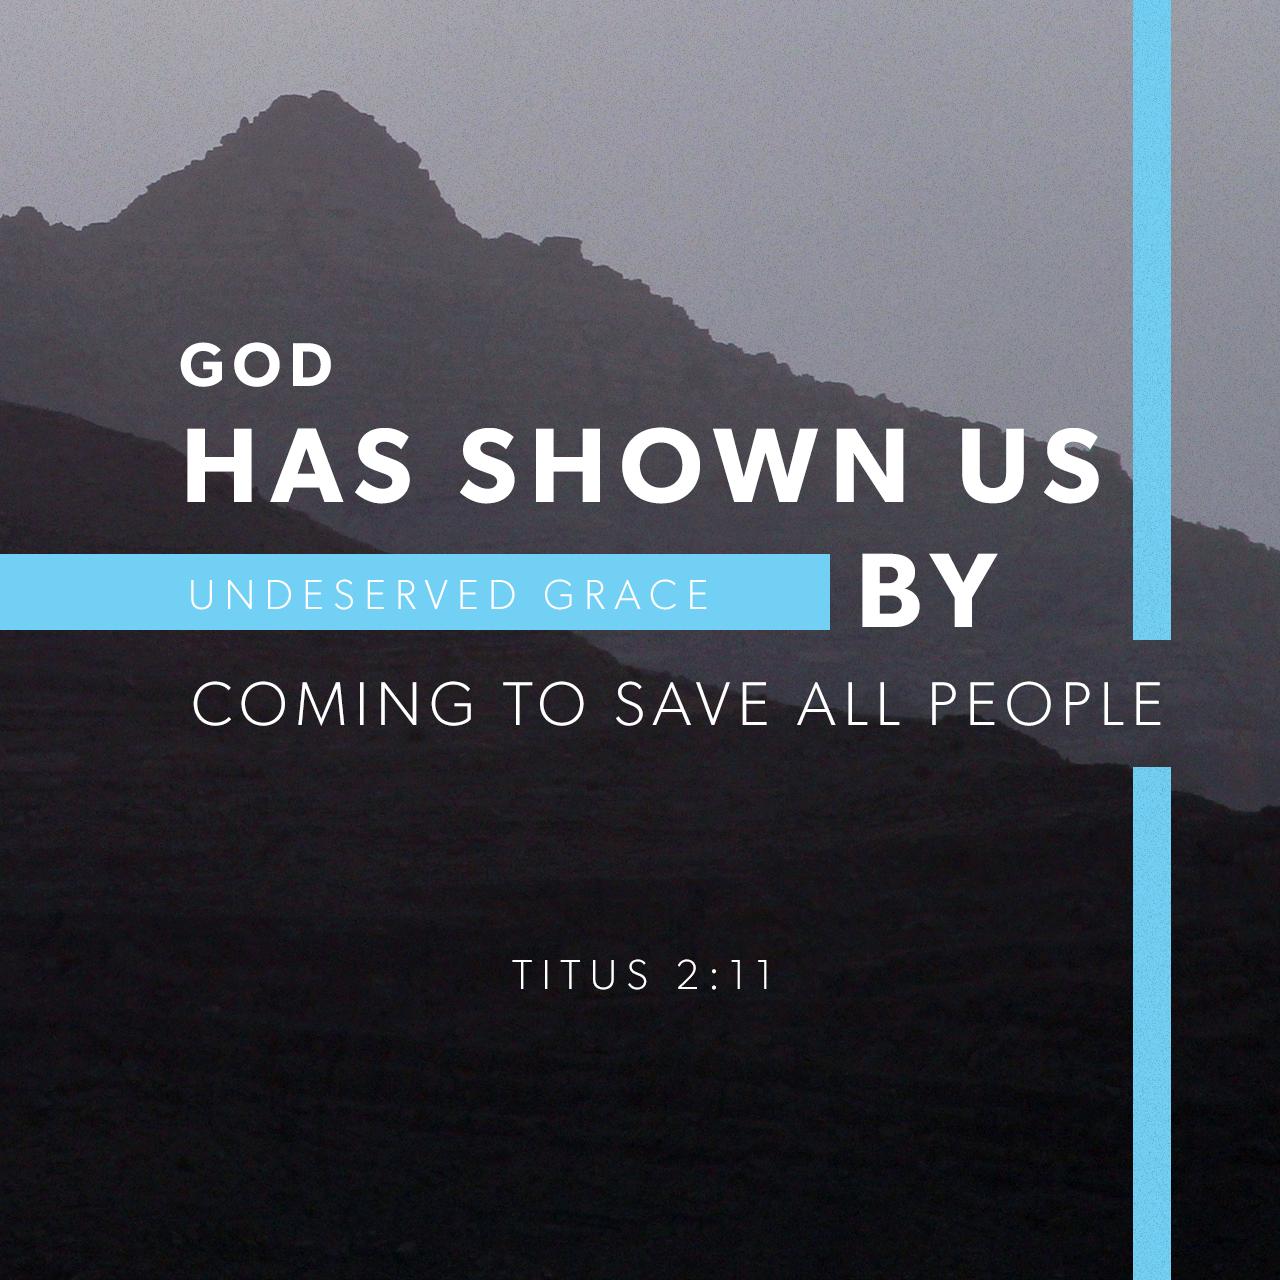 ScriptureArt_0616_-_Titus2_11.jpg